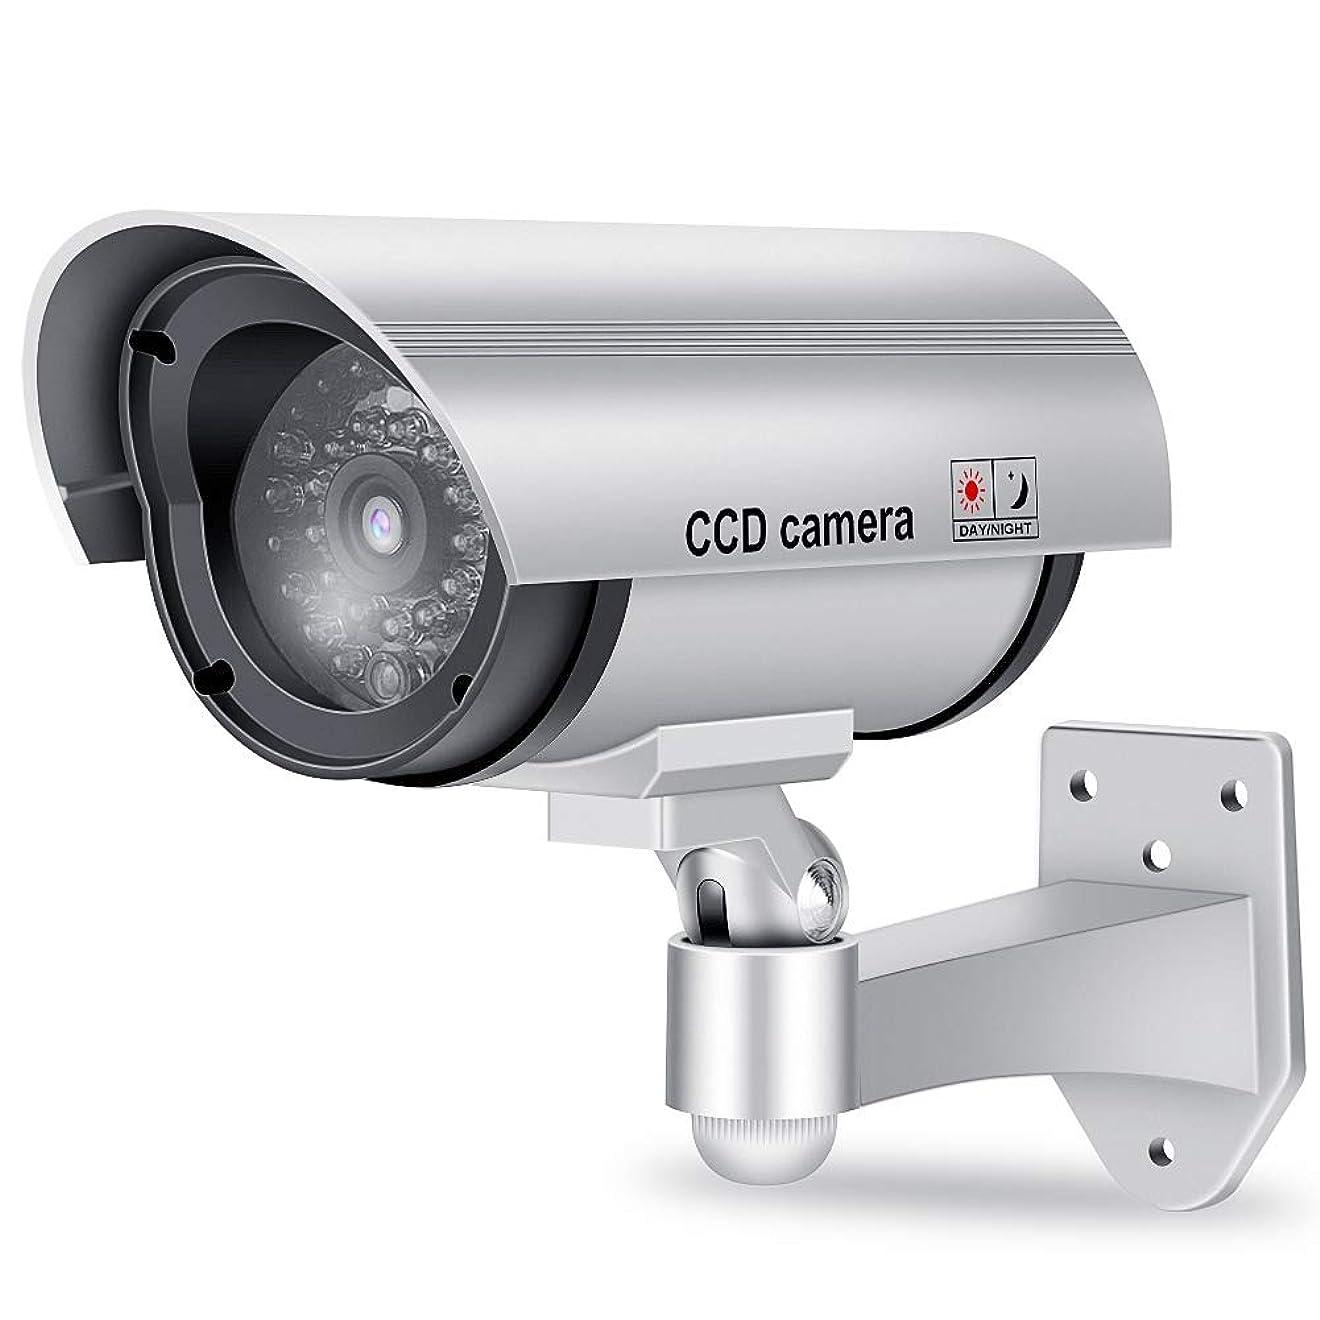 振幅再現する皿ダミーカメラ ソーラーパネル搭載 セキュリティステッカー付 防犯カメラ 監視カメラ 不審者対策 防犯対策 赤外線ledライト 赤LED点滅ライト常時点滅 偽装 屋内外両用